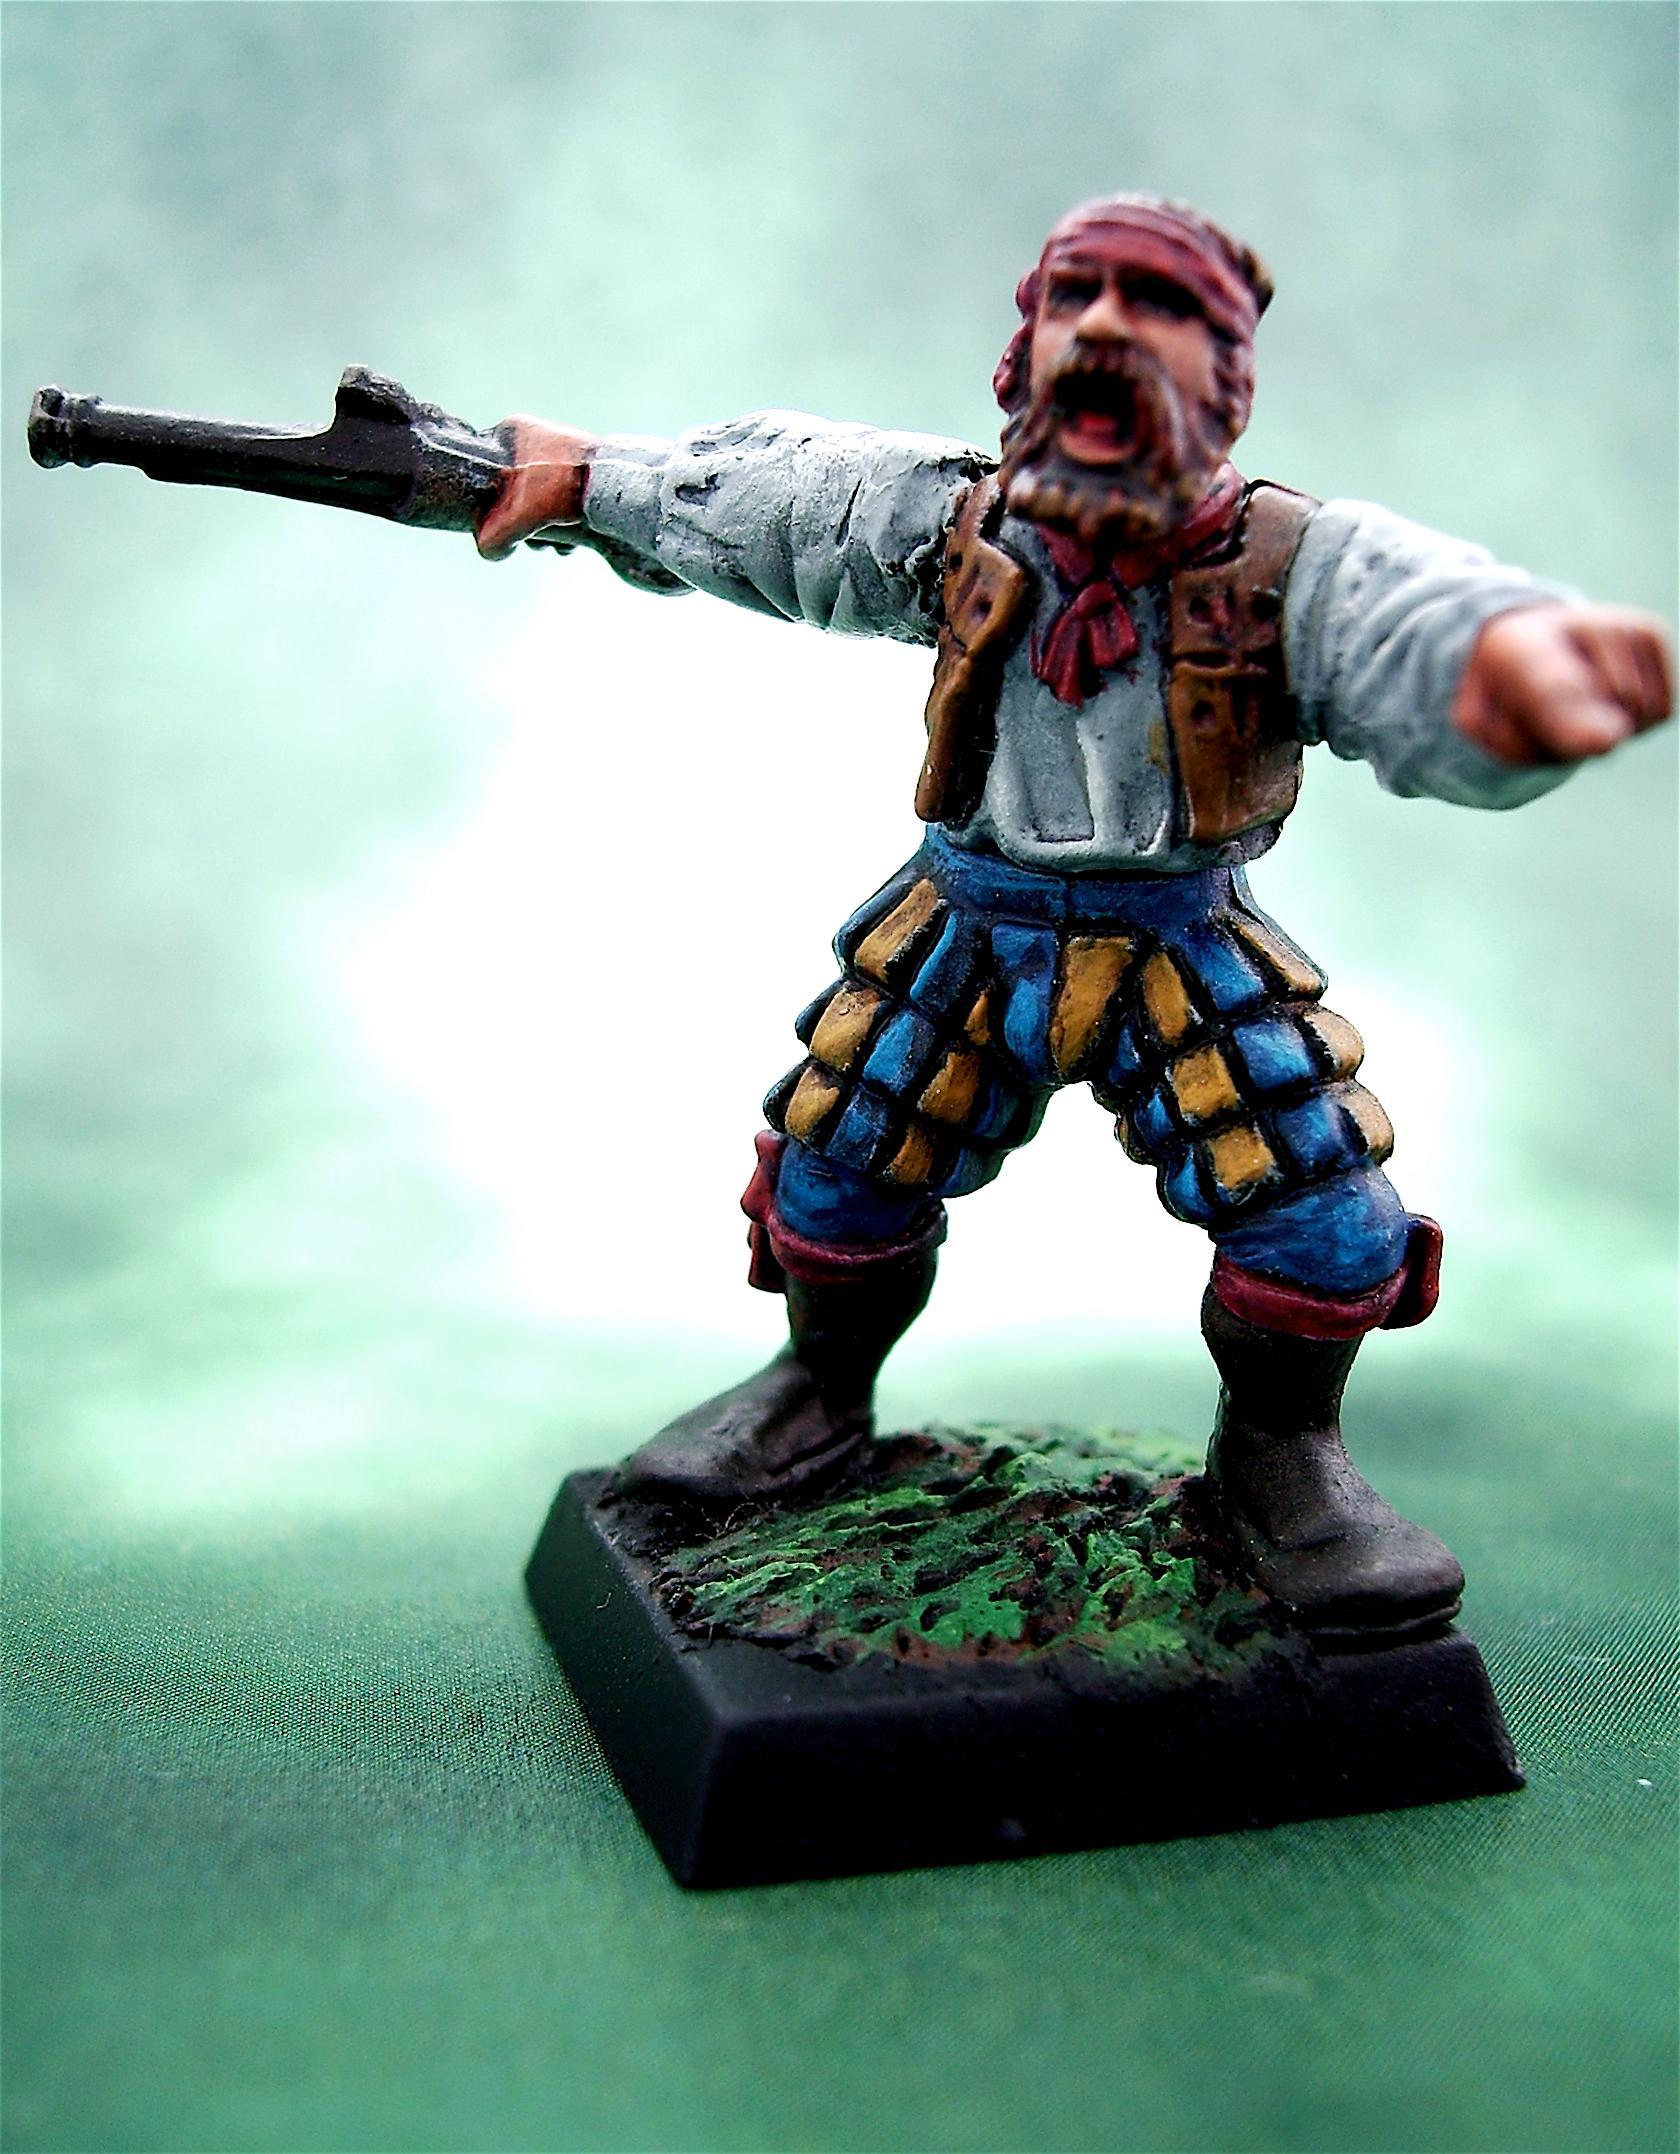 Pirate, Pirate